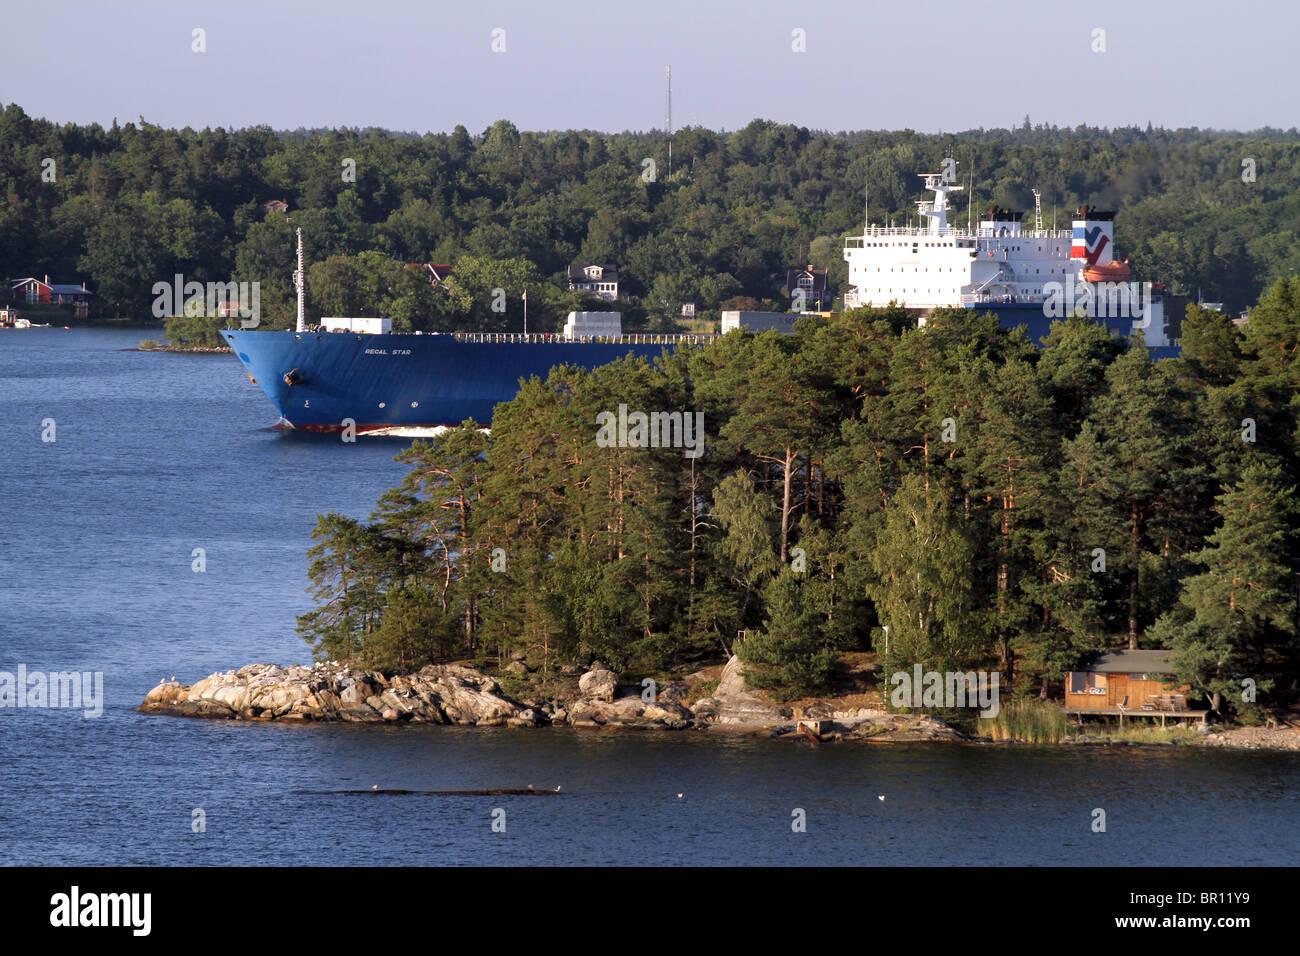 The Stockholm Archipelago in Stockholm, Sweden - Stock Image